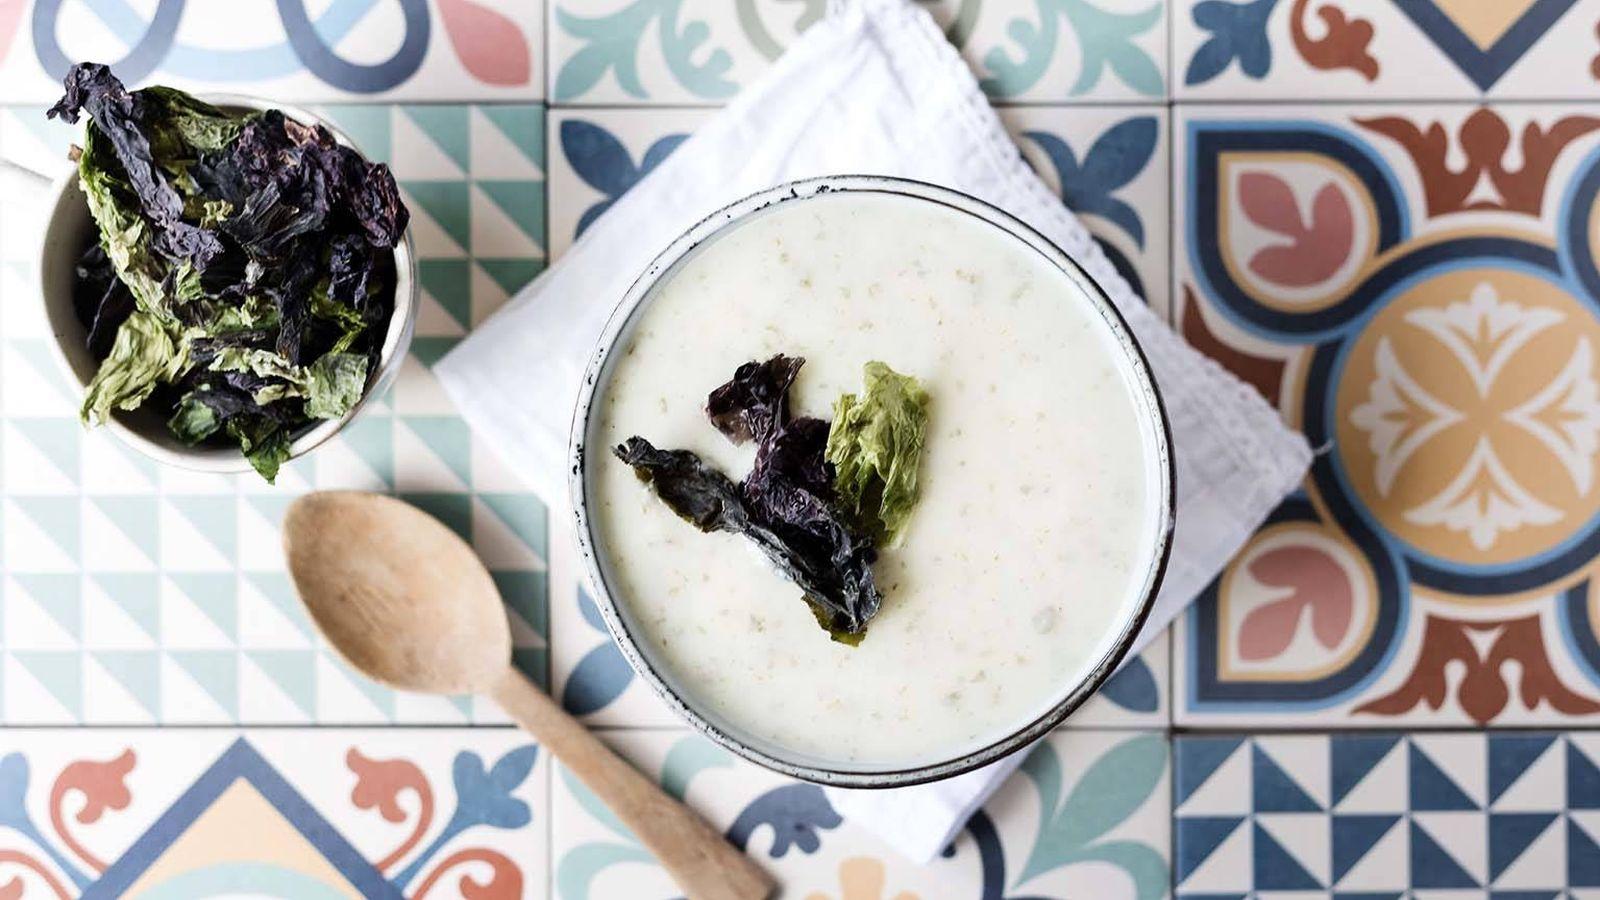 Foto: El alga kombu le da un toque diferente a la coliflor. (Imagen: Snaps Fotografía)